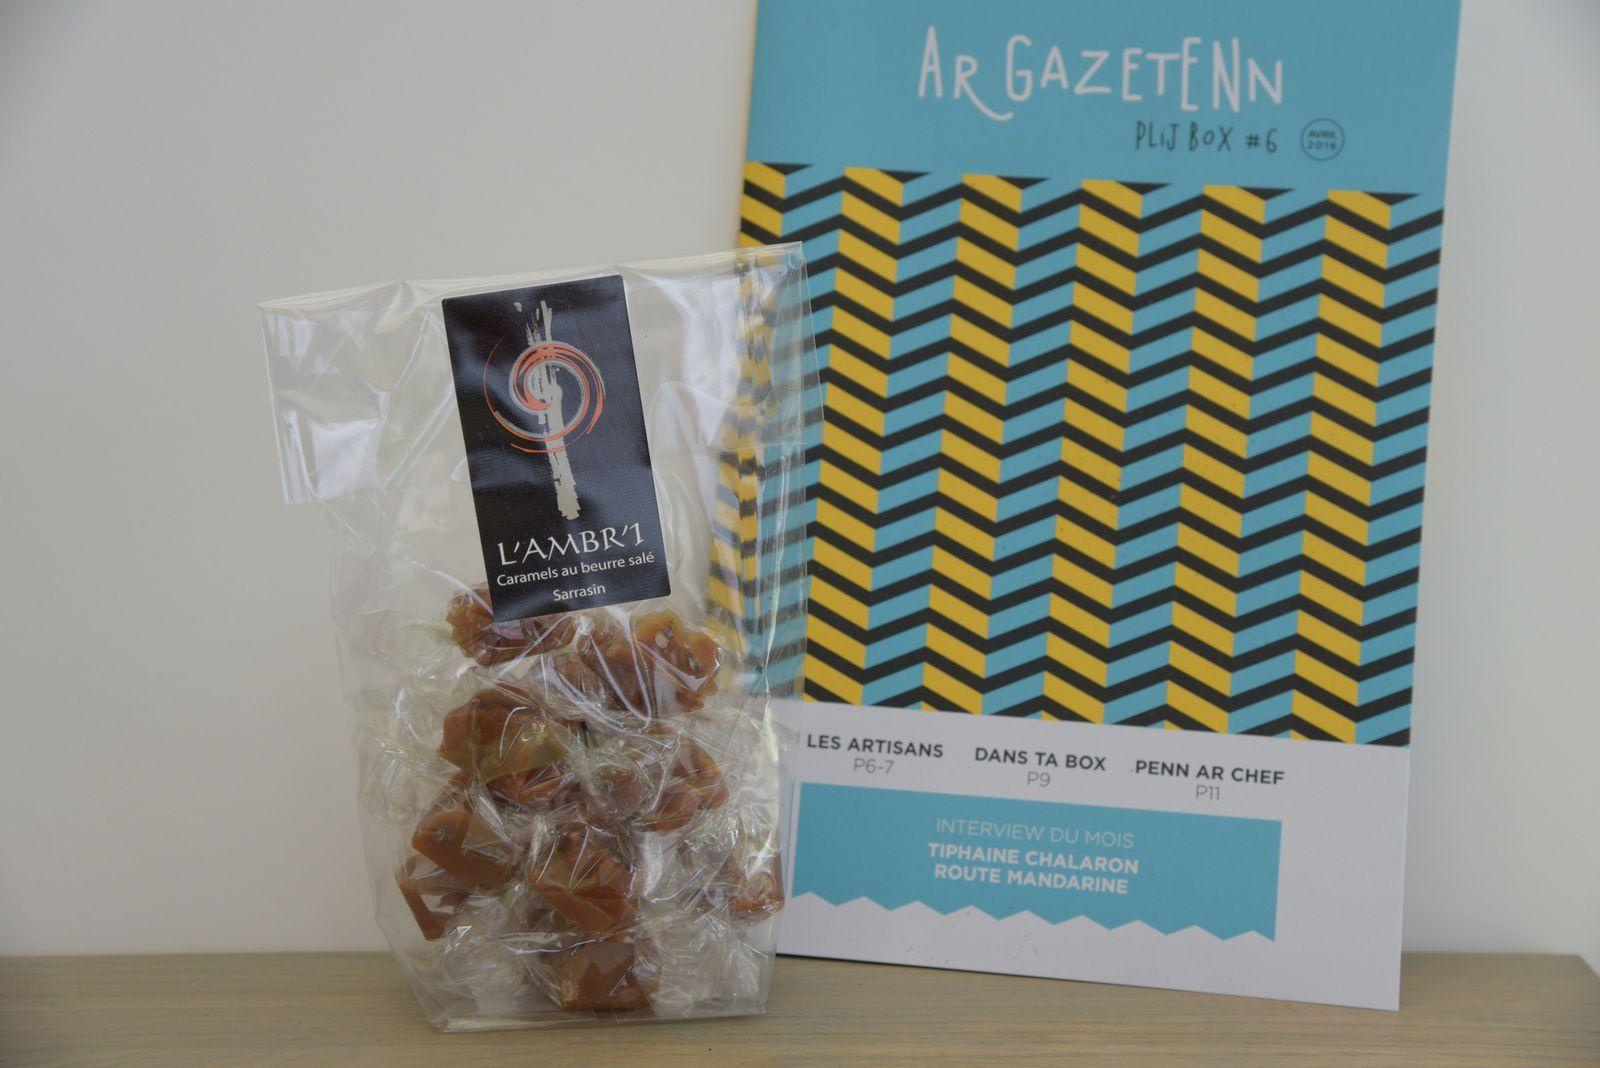 des caramels au beurre salé Sarrasin de L'Ambri à Tréguier